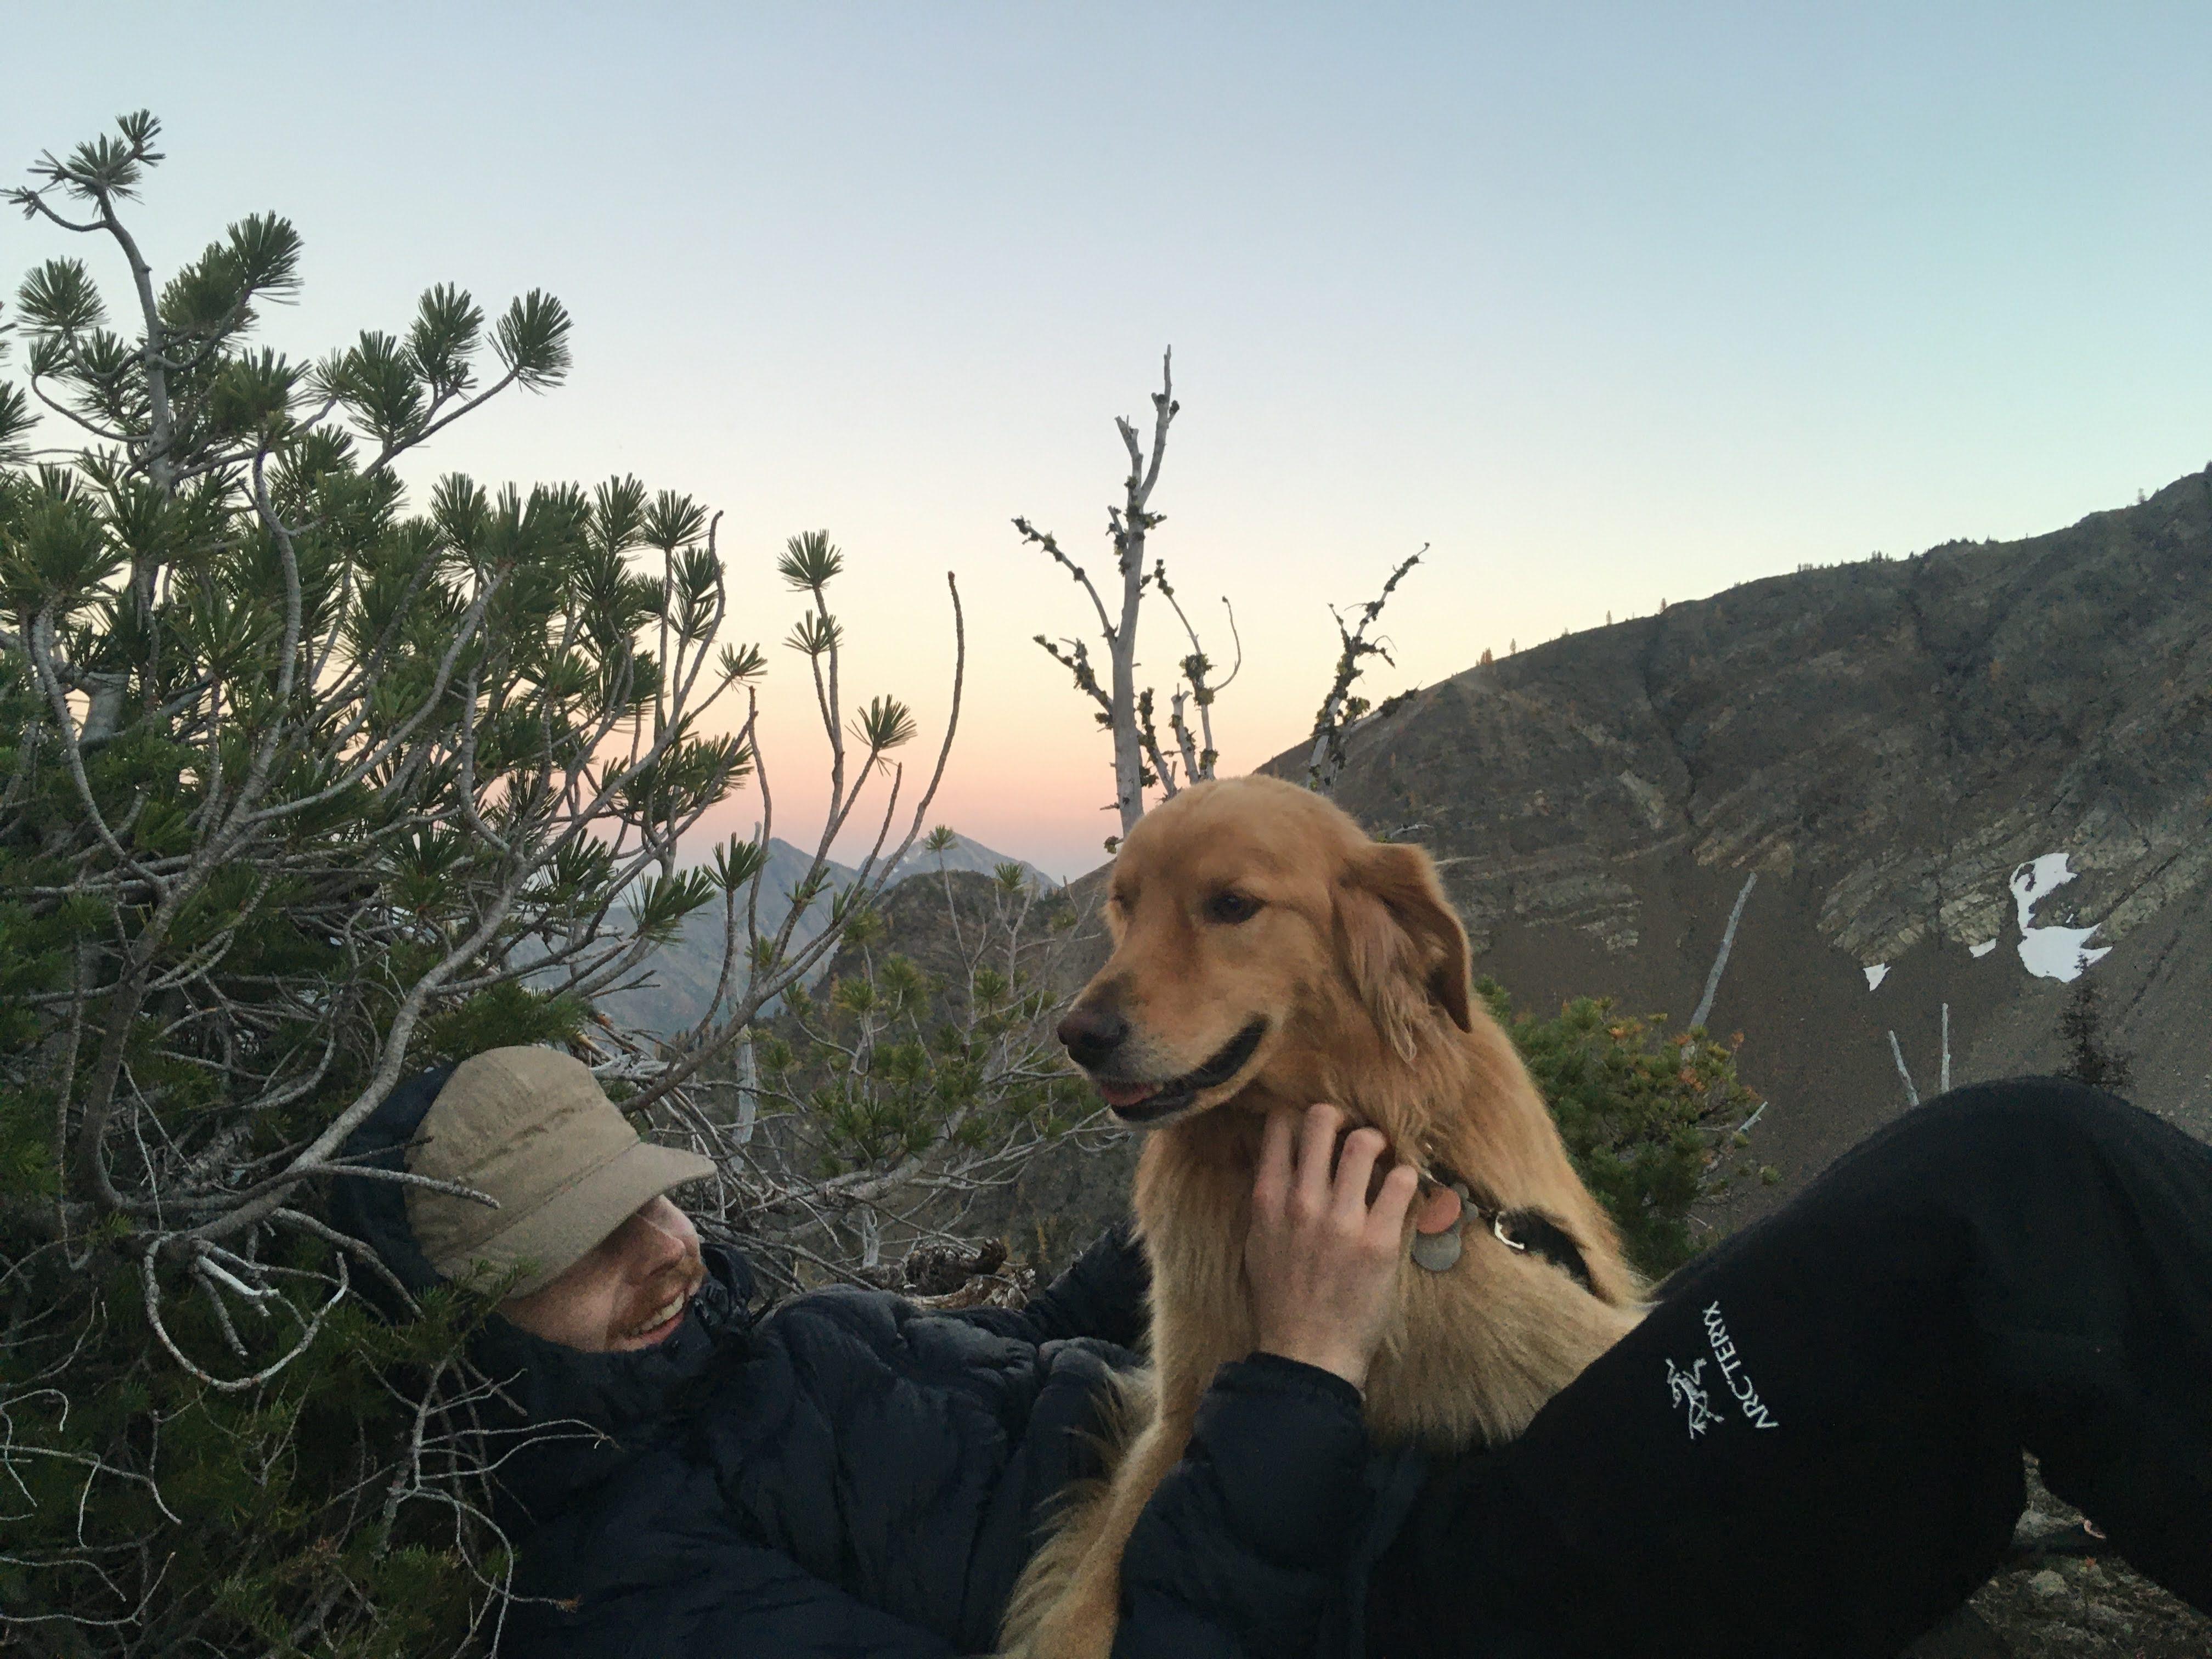 Ethan Heimler with Buddy. Photo by Melissa Bernstein.